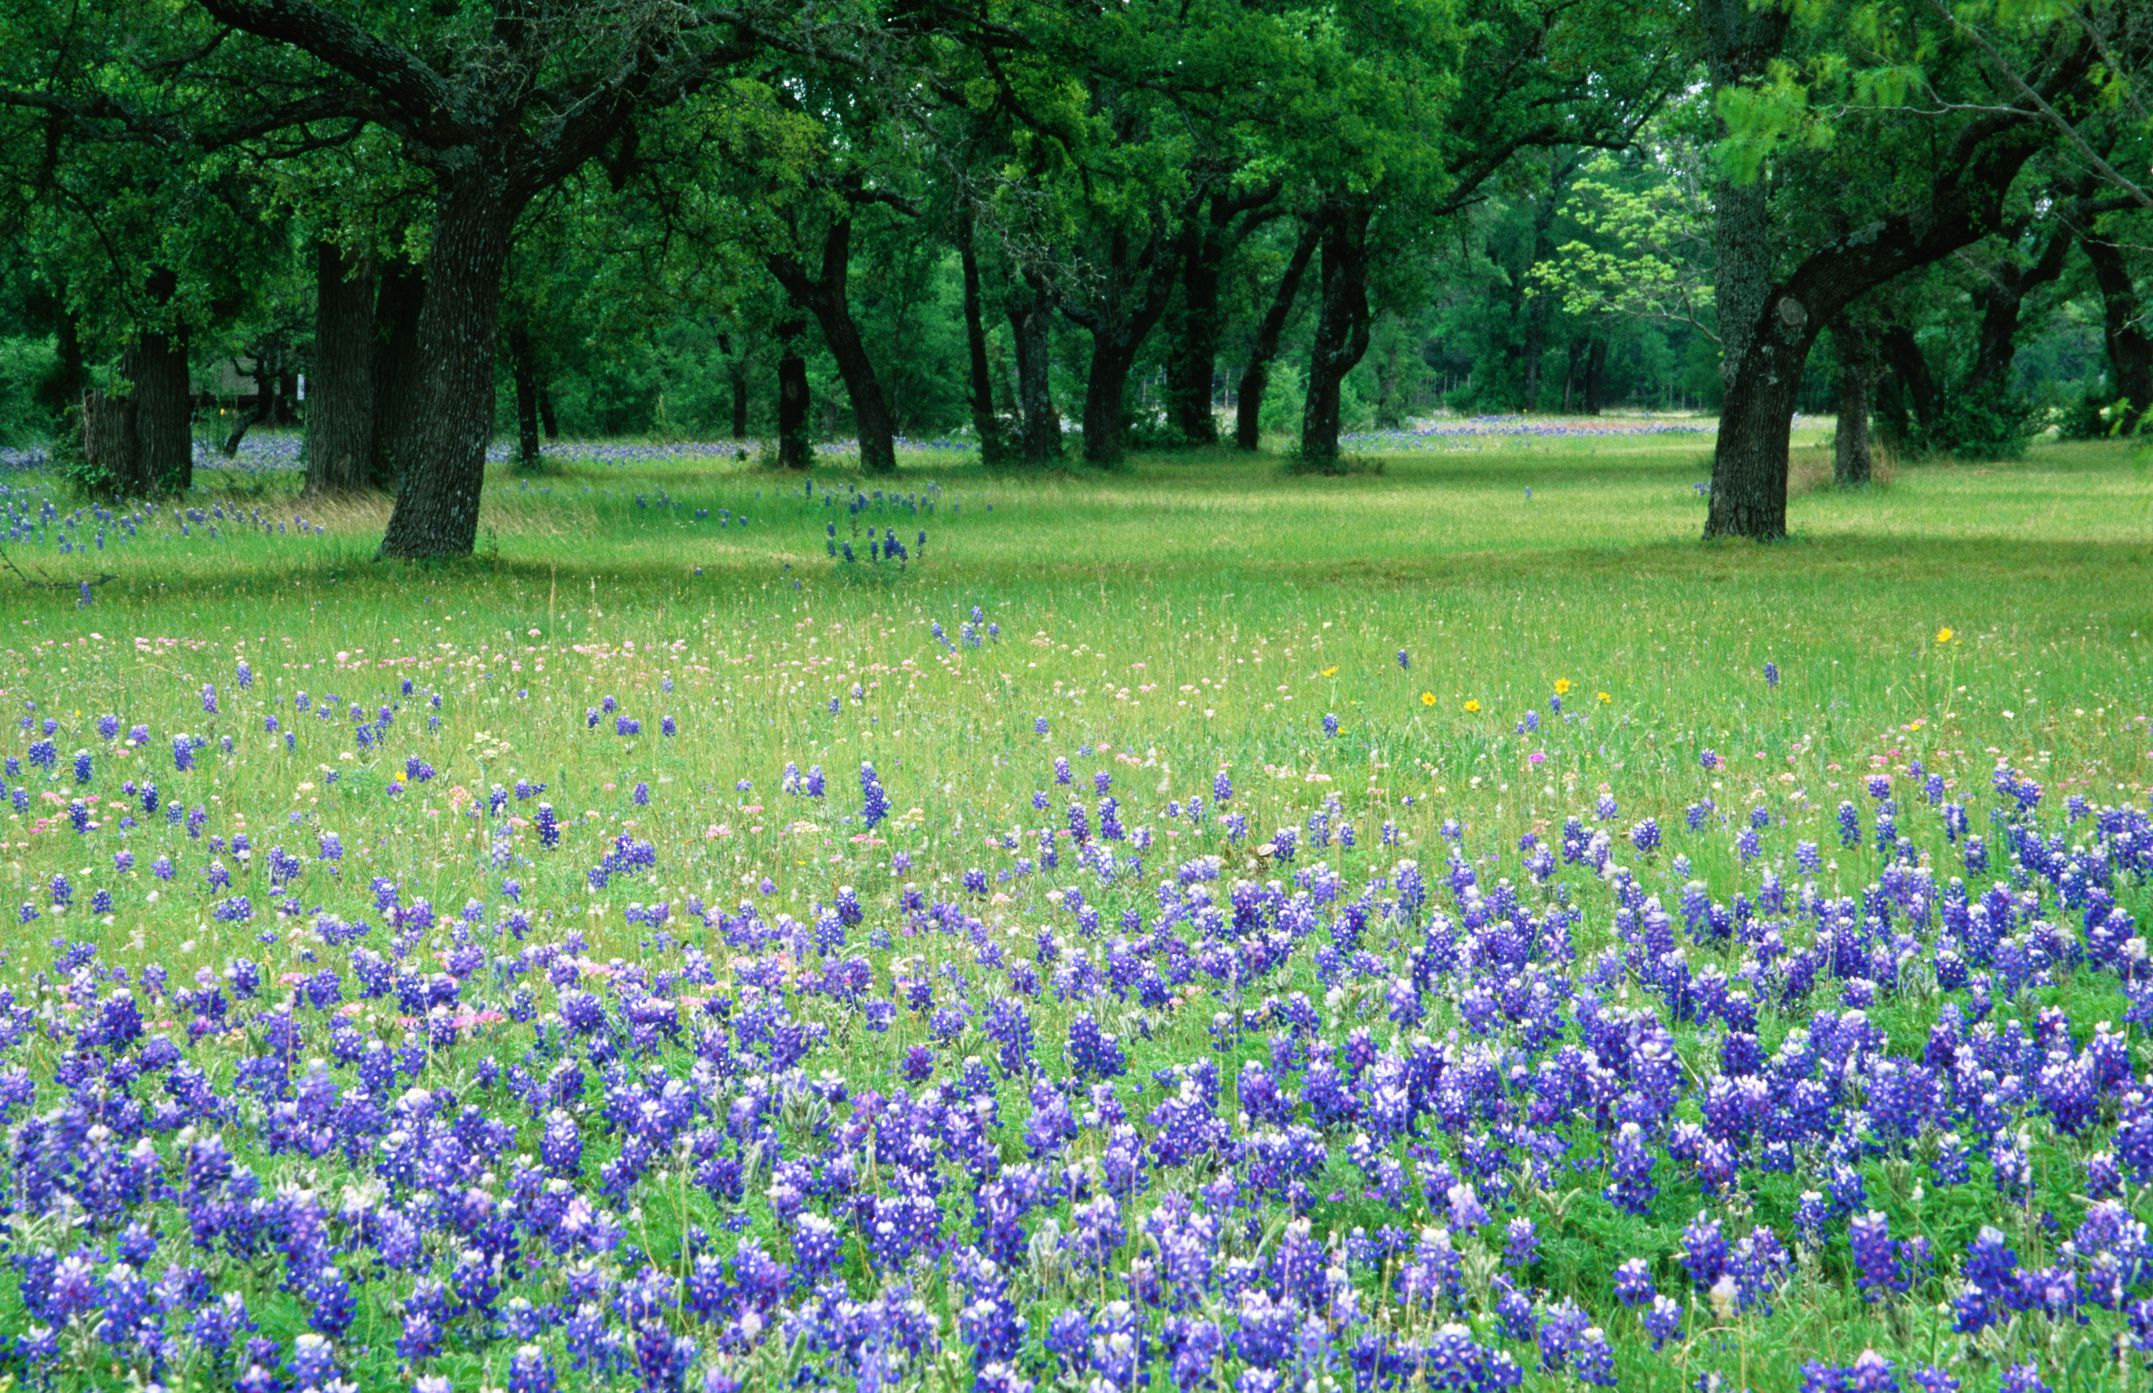 Wild bluebonnets in field, Kerrville city.